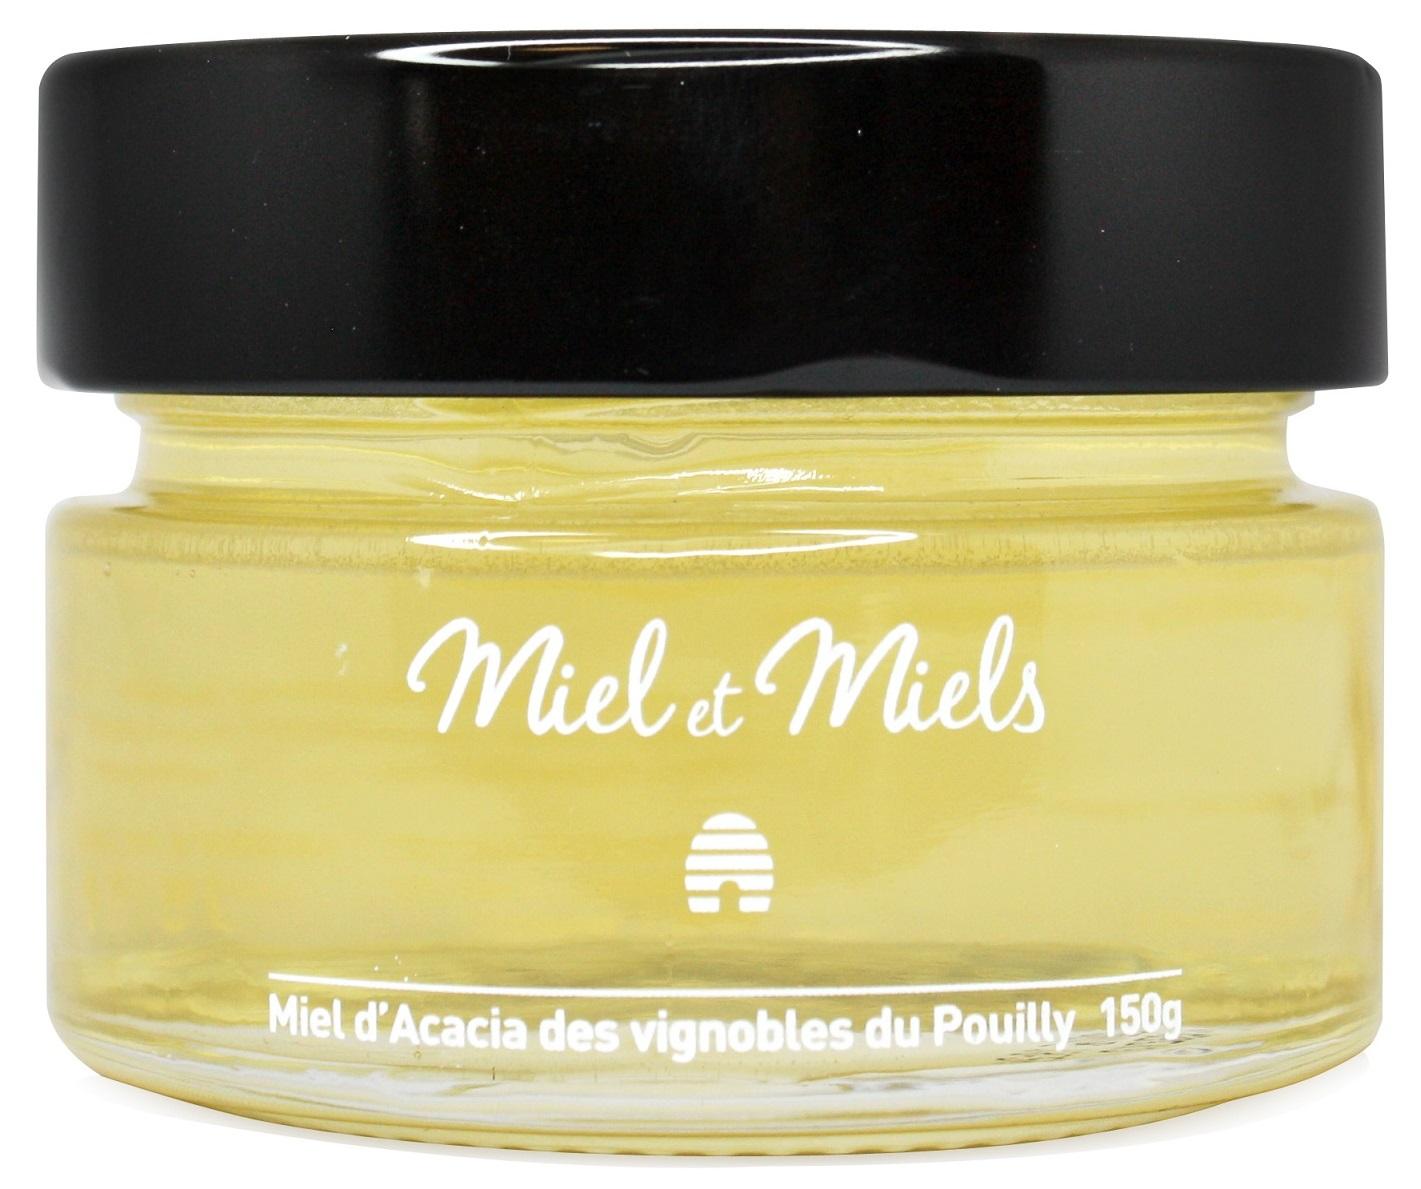 Miel_d'Acacia_des_vignobles_du_Pouilly_150g